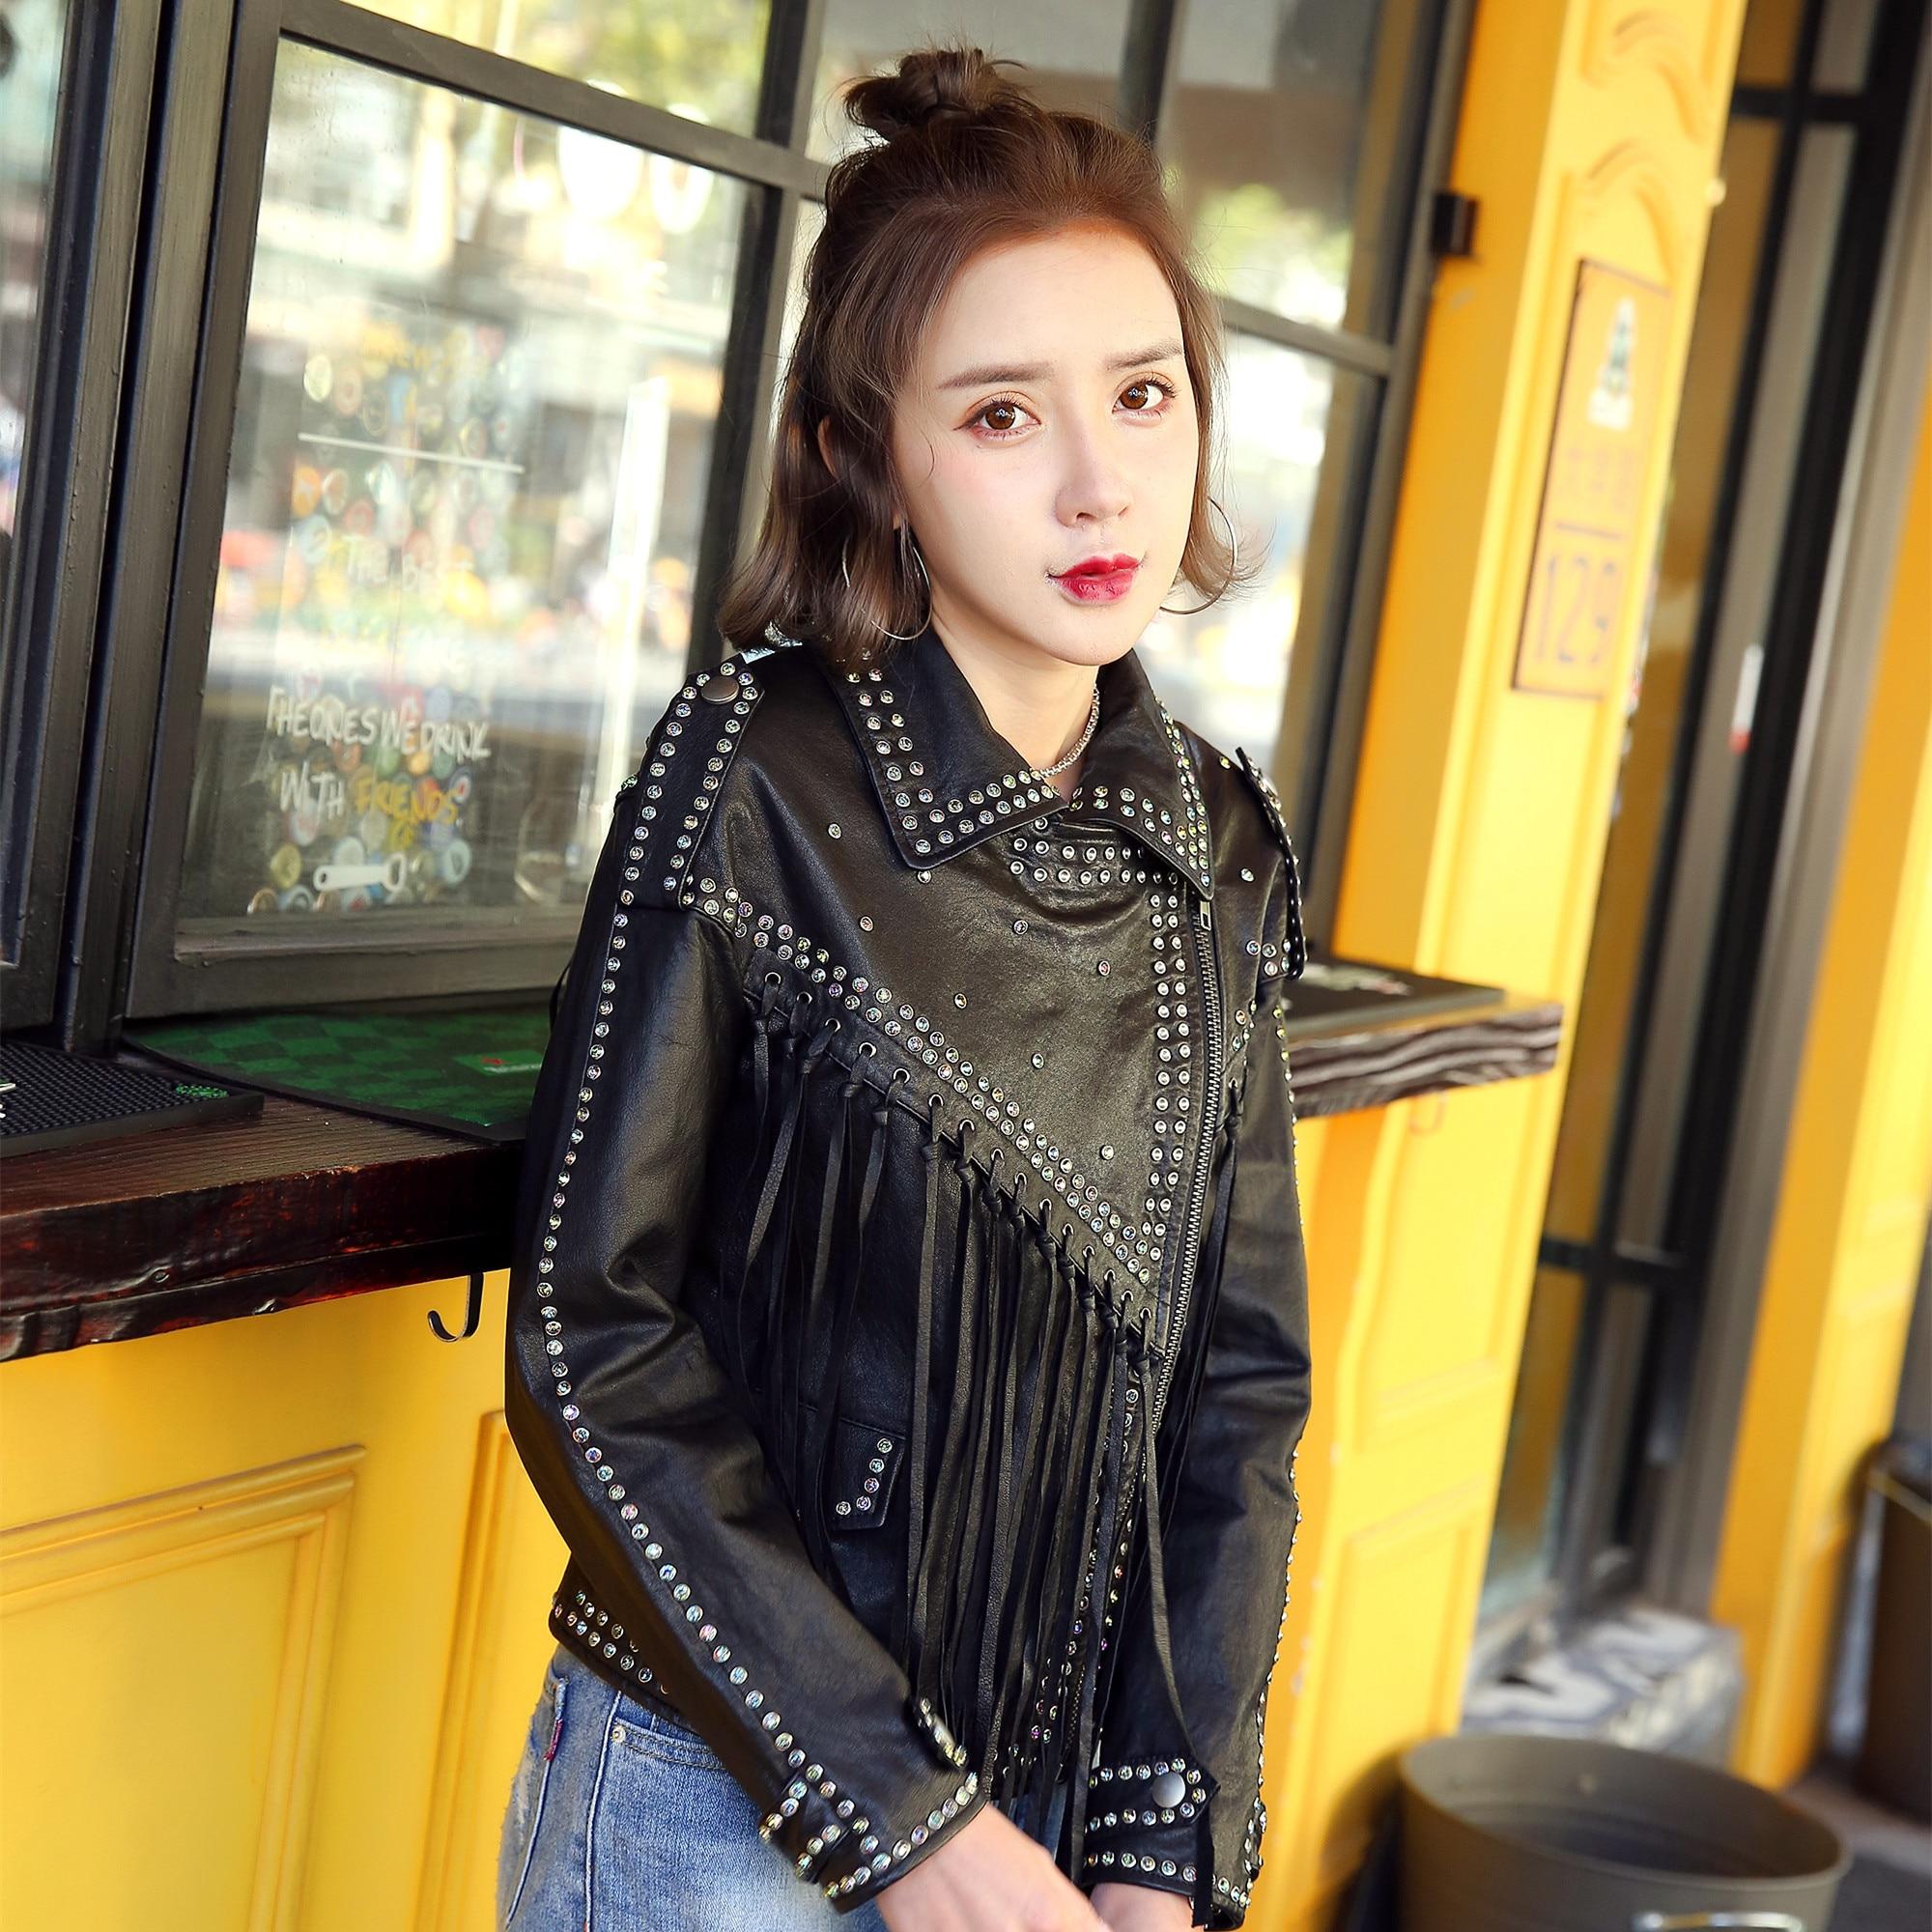 Vintage Coréen Vêtements Manteau Court Femmes Veste Véritable Peau Manteaux Hiver Mouton Automne Tops Zt1573 De Cuir En 2018 Black qB1Yw7vO